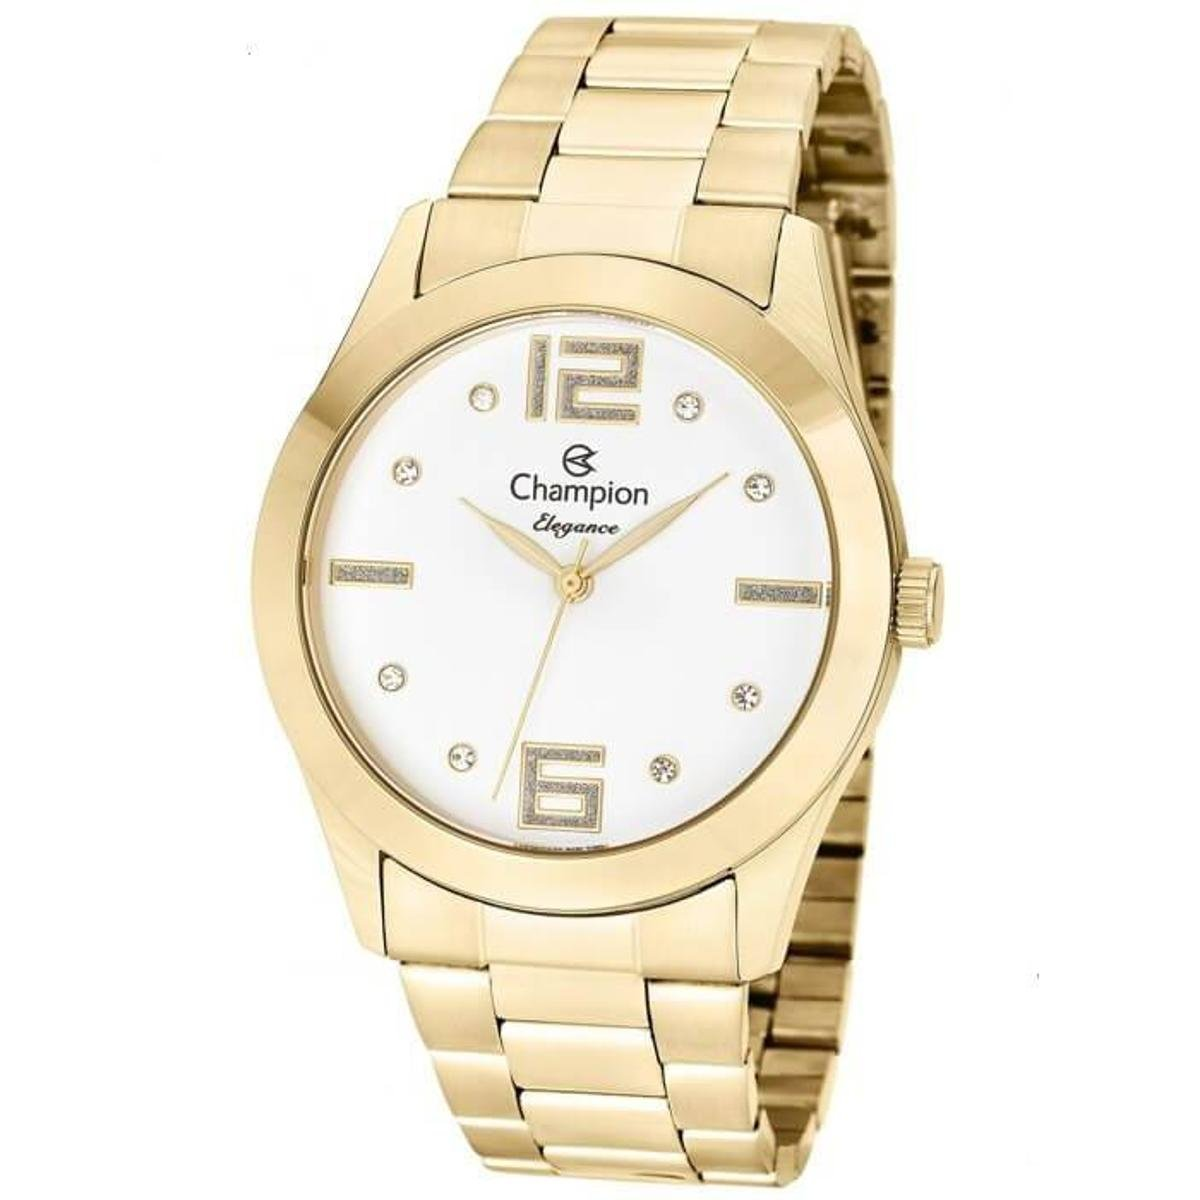 03ef4d4a958 Relógio Champion Feminino Elegance - Dourado - Compre Agora